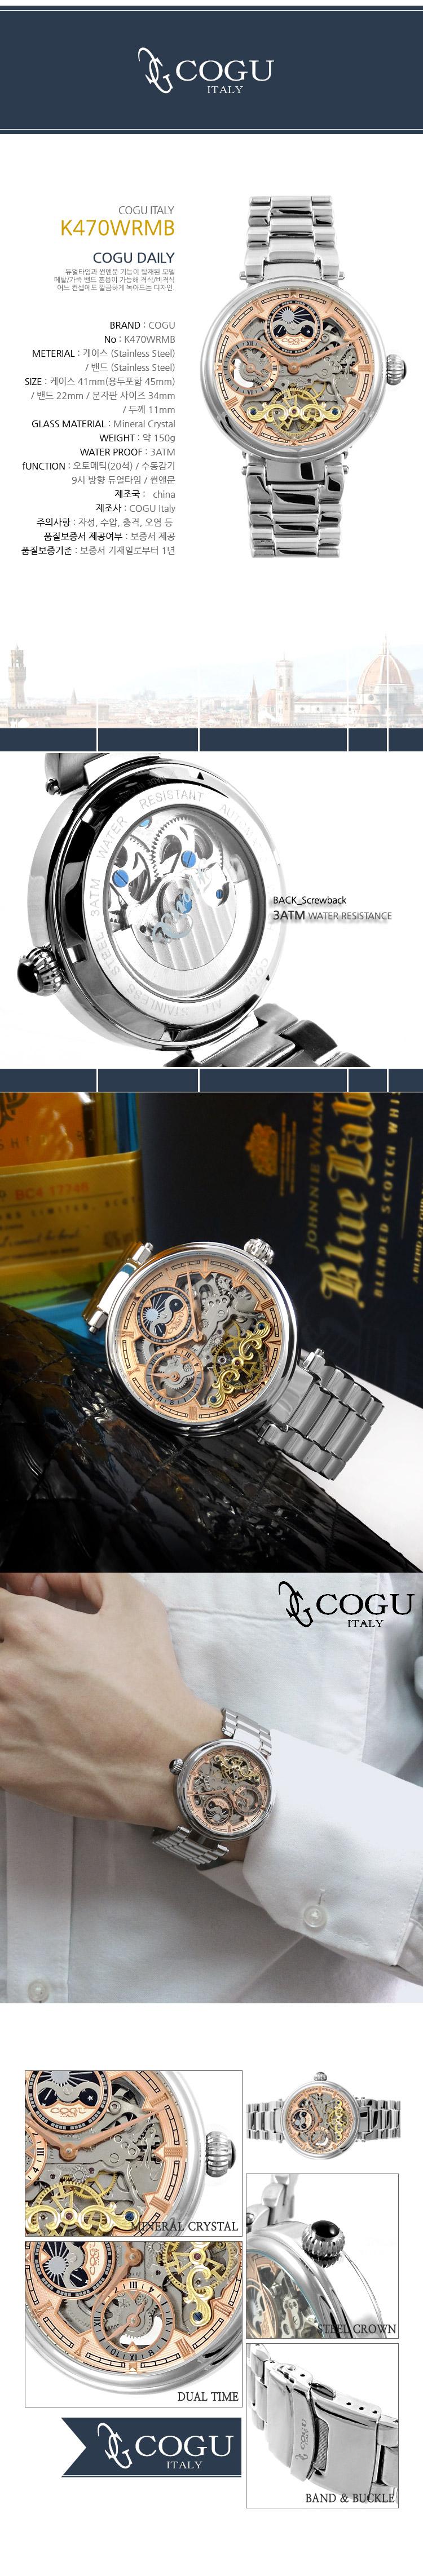 코구(COGU) K470WRMB 남성 오토매틱 메탈 손목시계